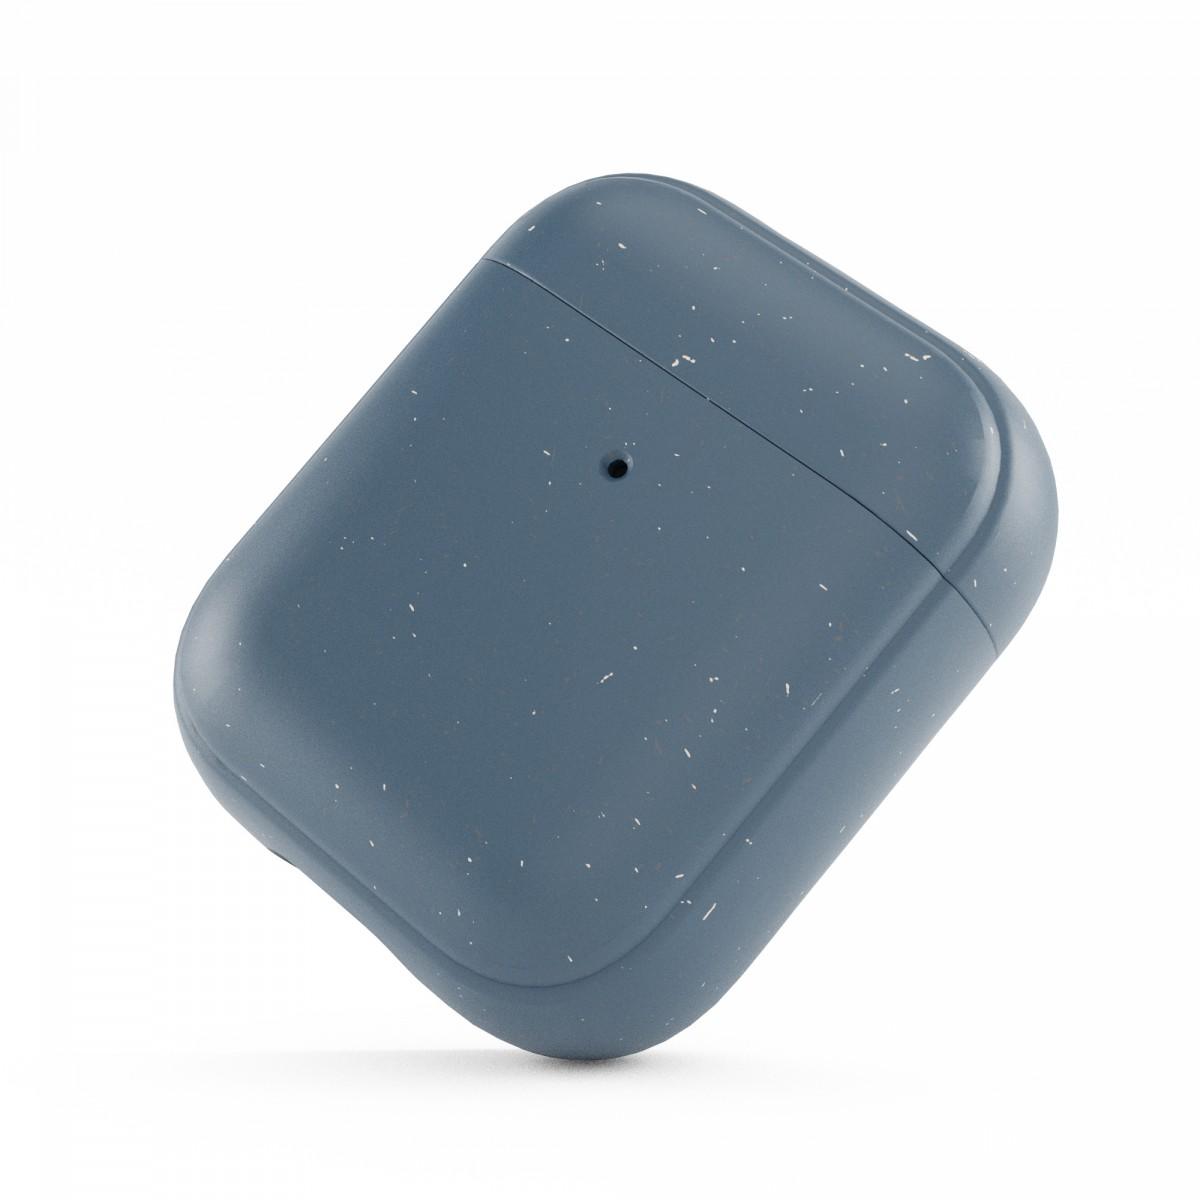 Woodcessoires – Nachhaltiges AirPod Case aus Bio-Material für AirPods 1 / 2 / Pro (navy blau)